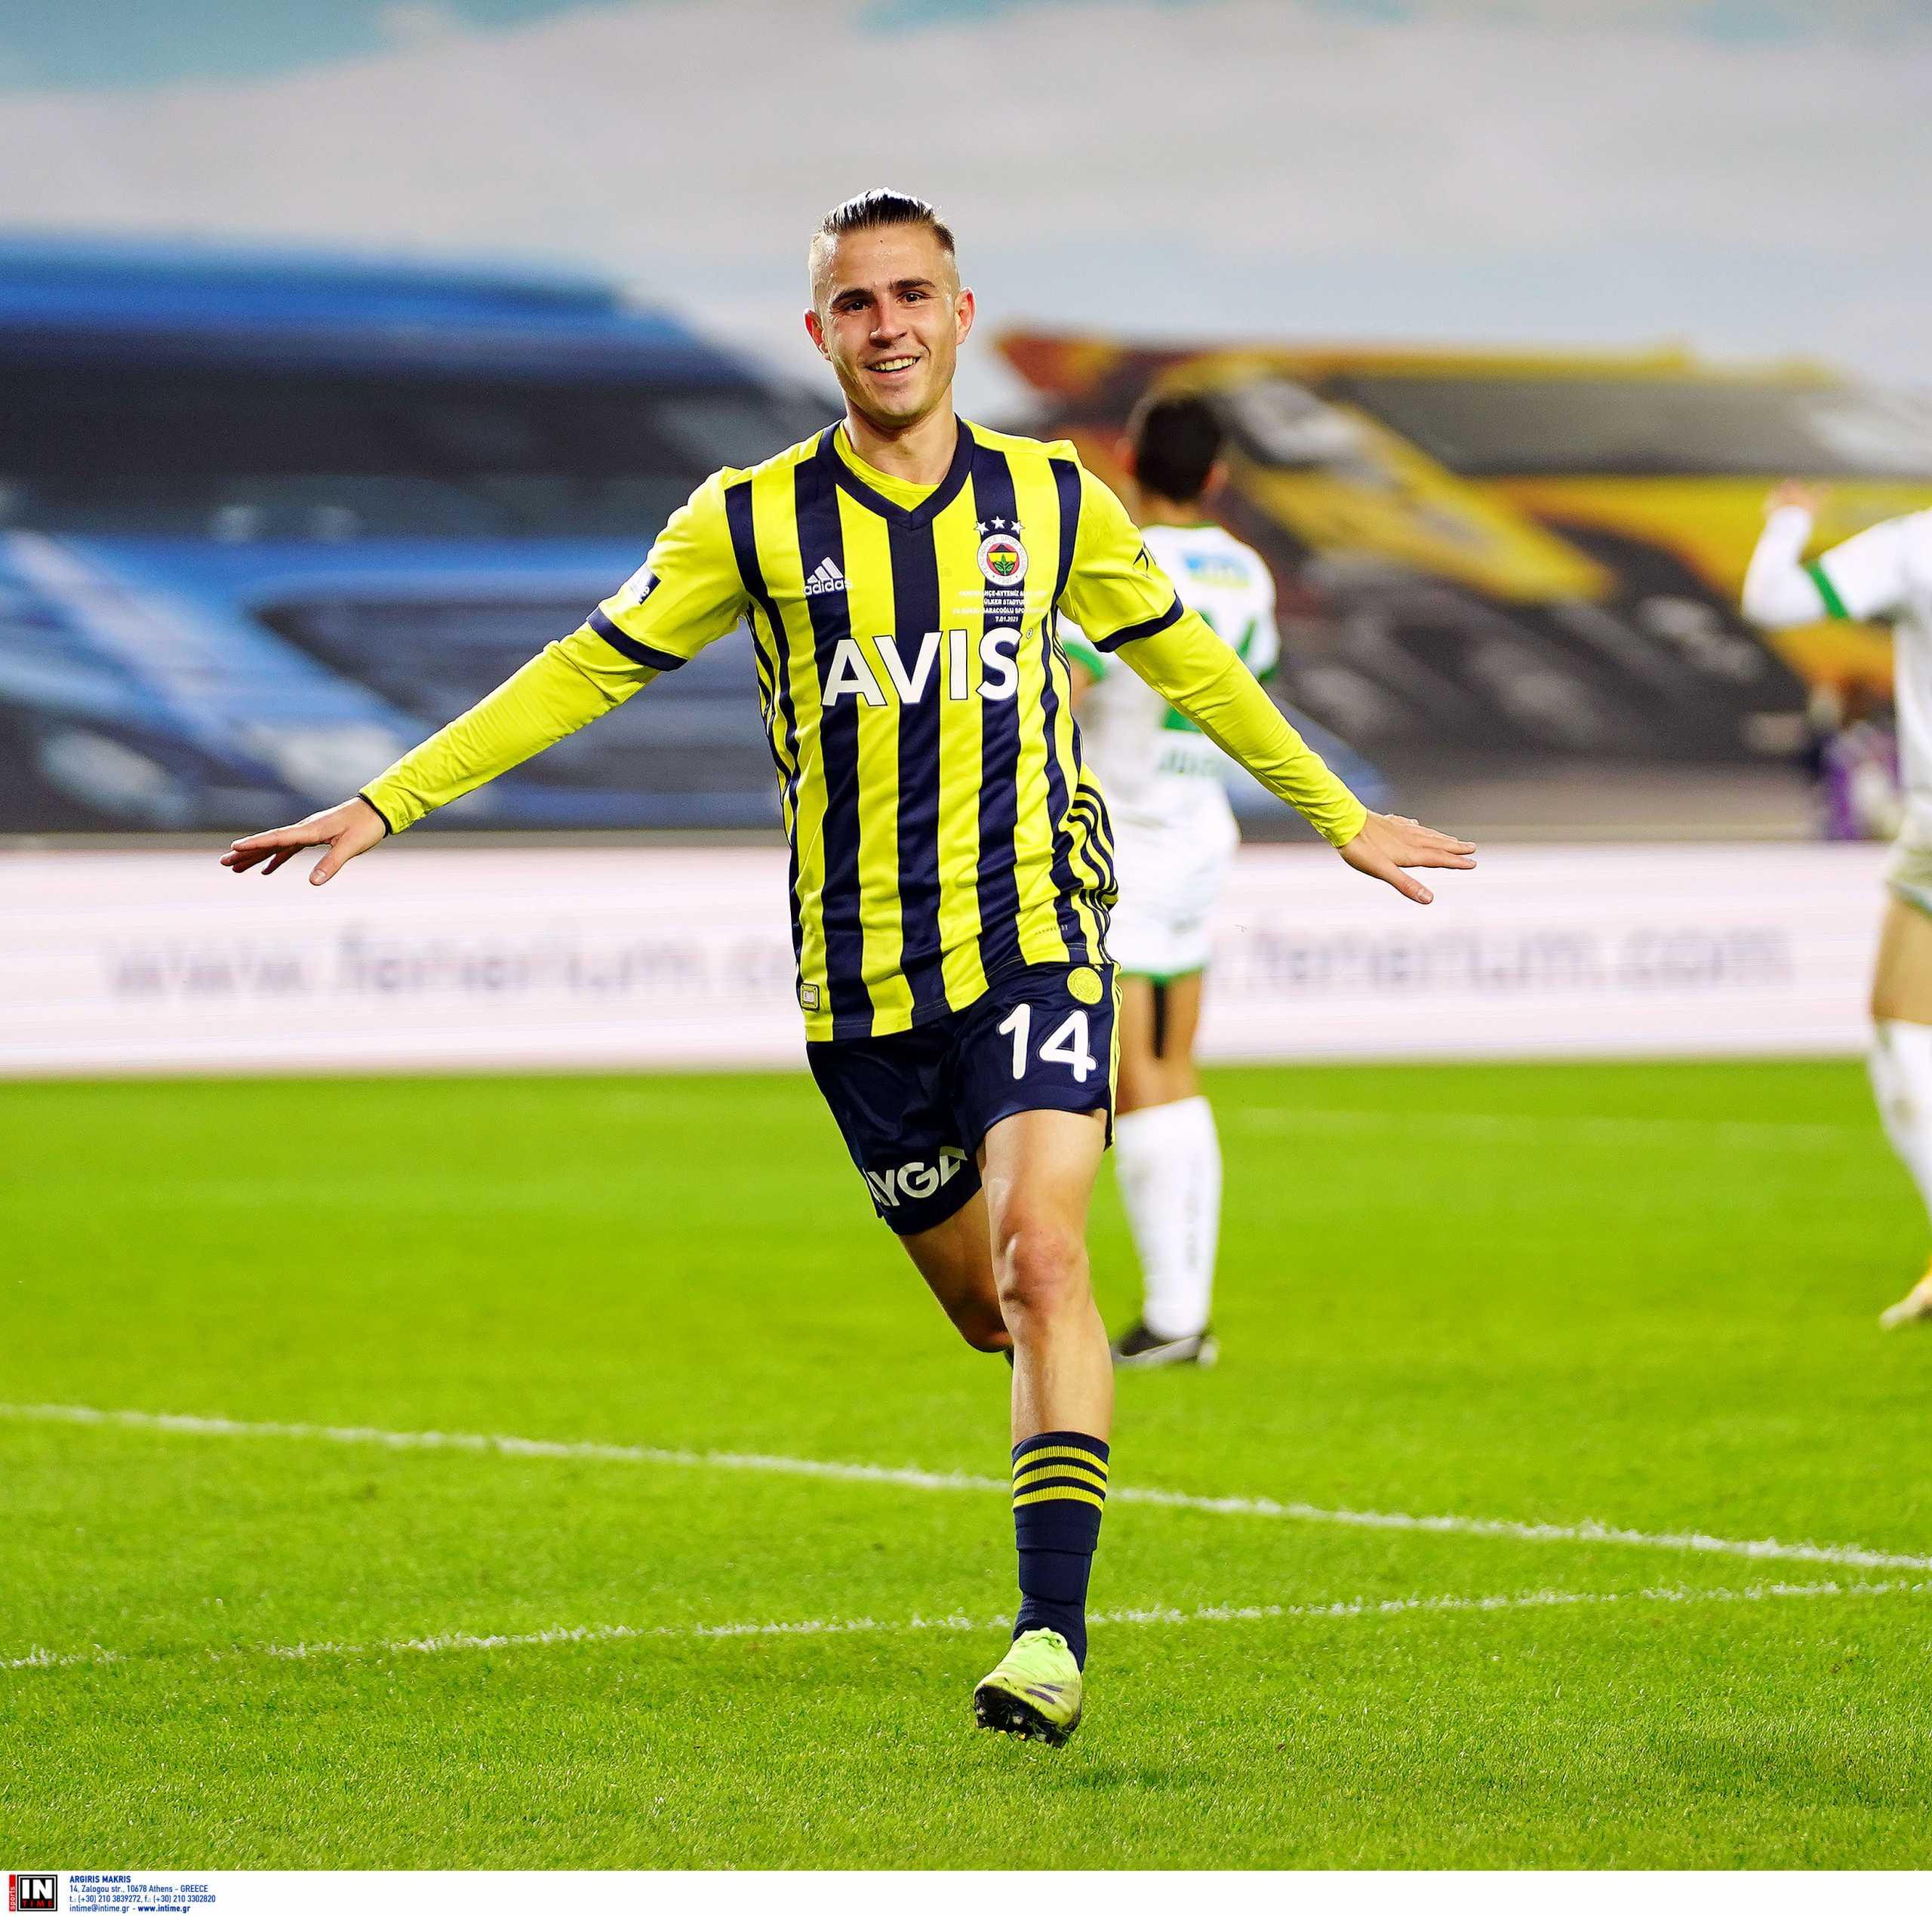 Ασίστ ο Πέλκας, έβδομο γκολ ο Μπακασέτας στην Τουρκία (videos)